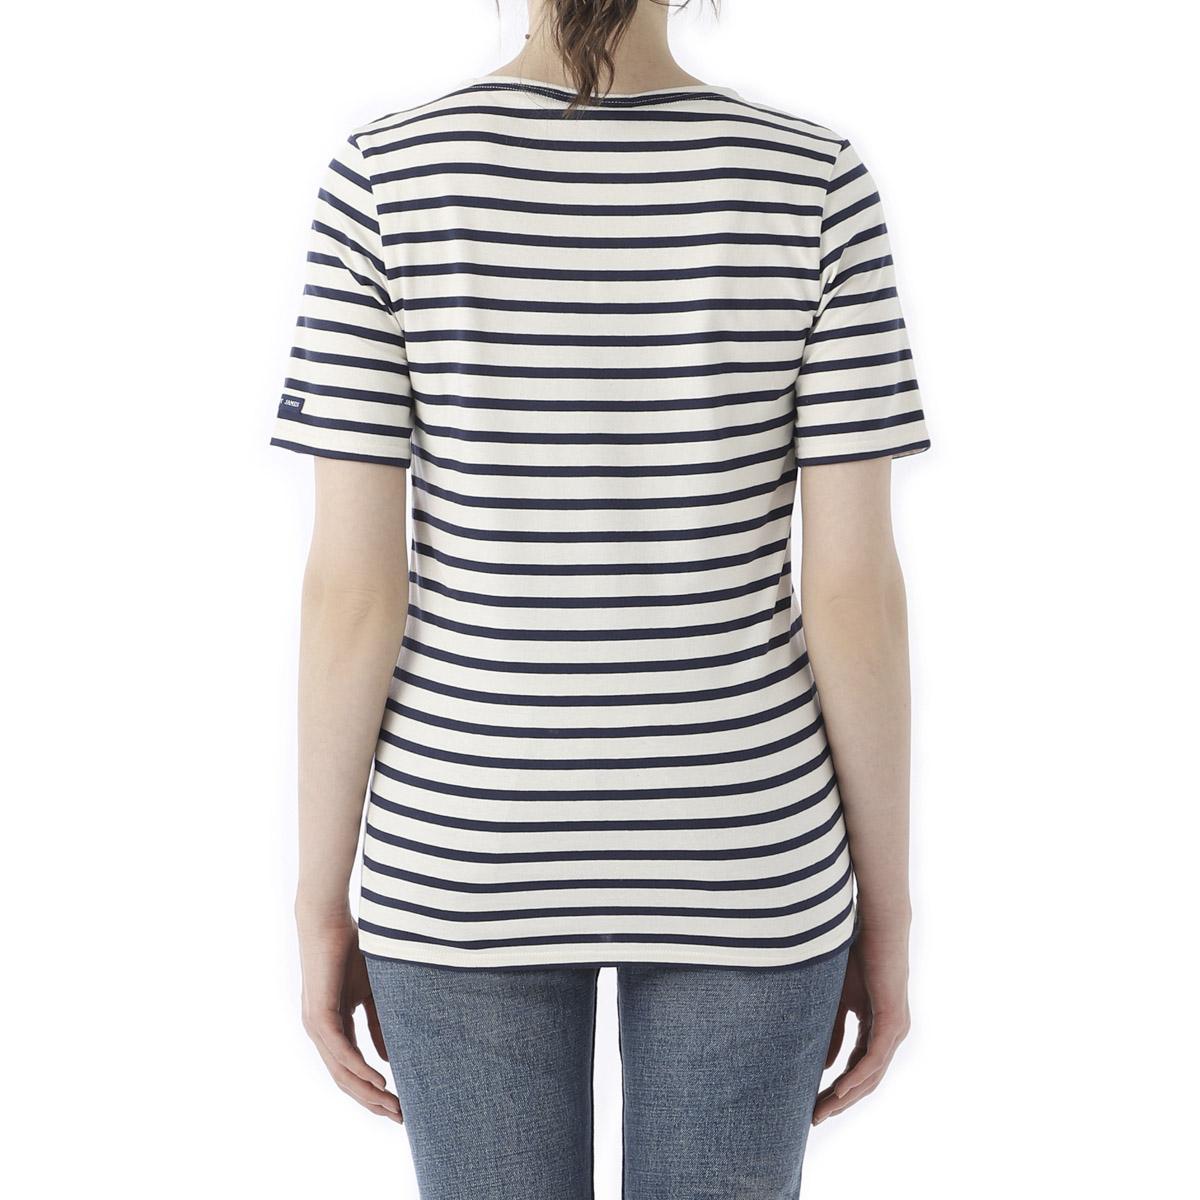 SAINT JAMES セントジェームス クルーネック Tシャツ/LEVANT MODERN レヴァント